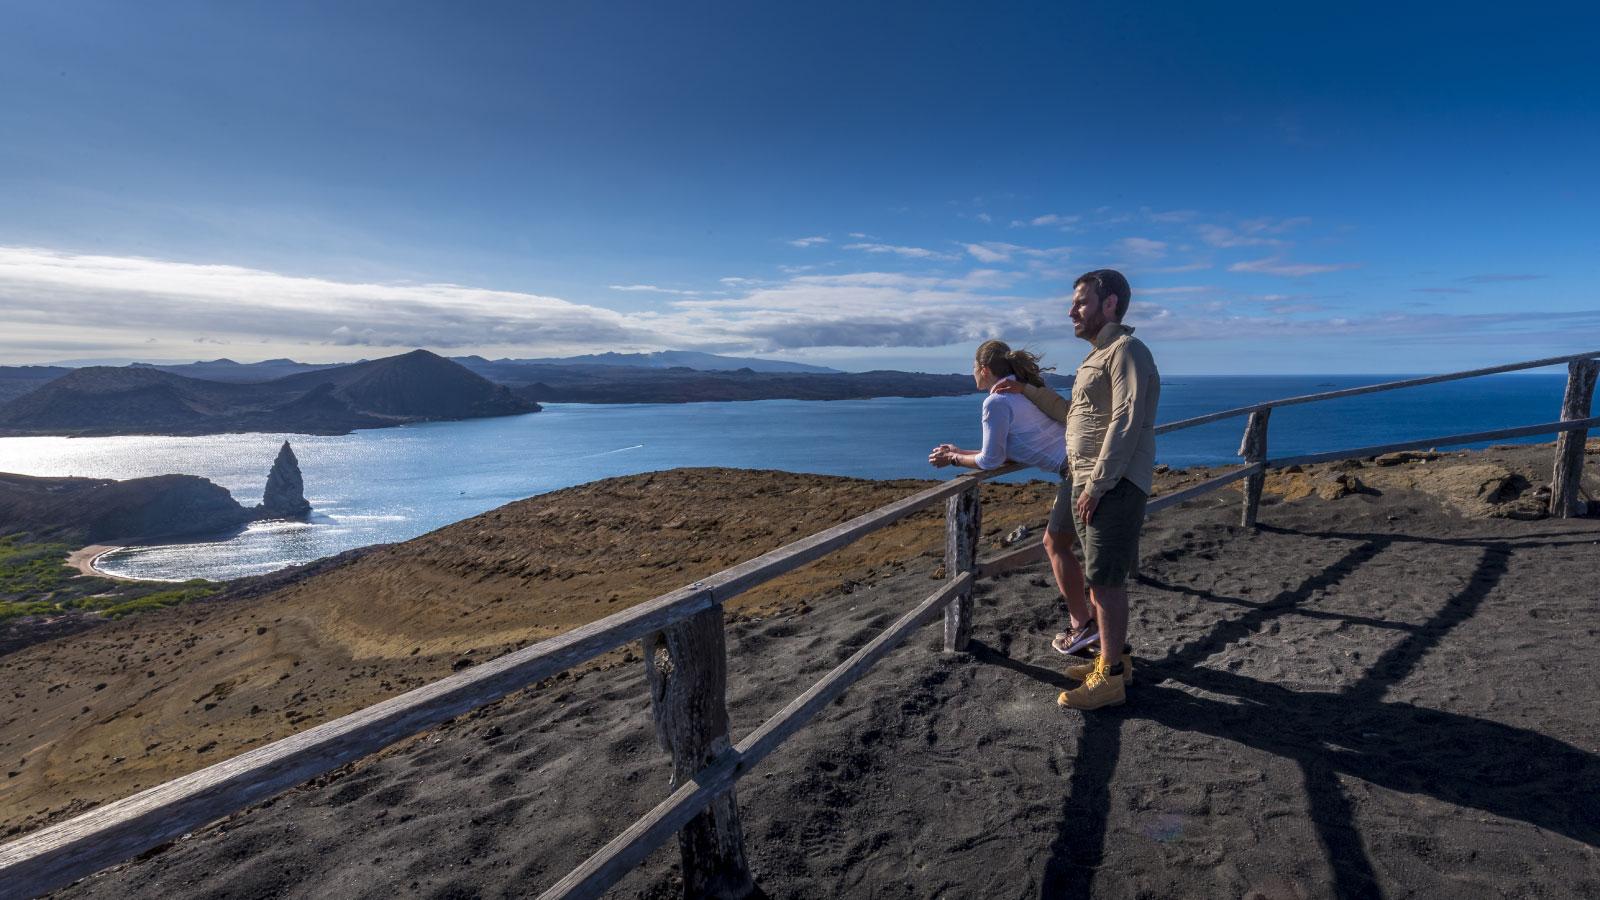 Dos parejas en la isla de Bartolomé, disfrutando unas vacaciones privadas en las Islas Galápagos